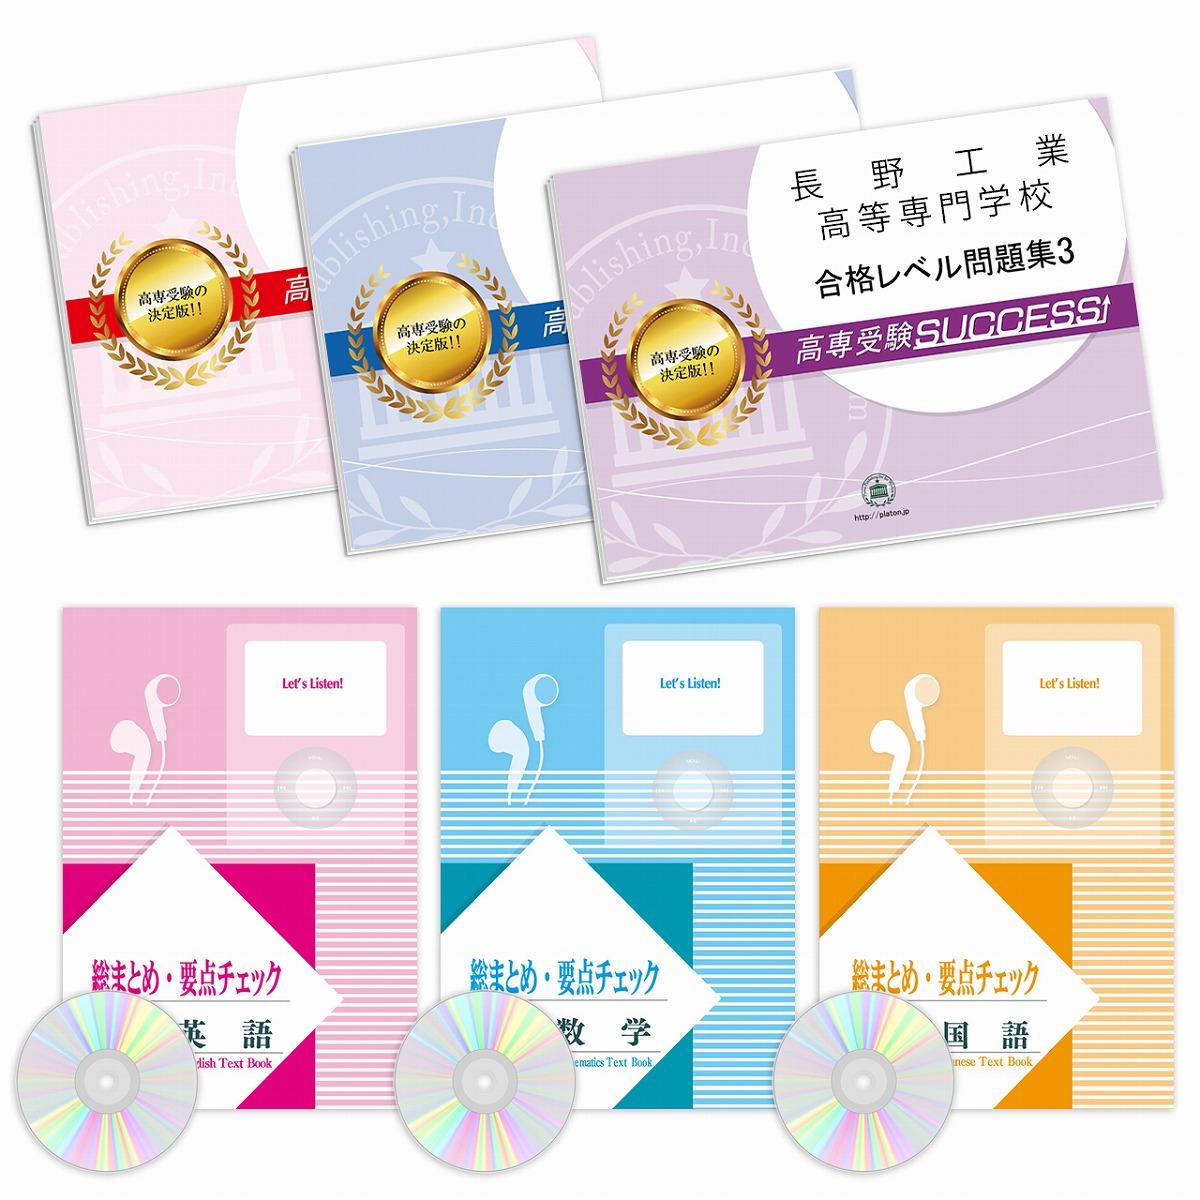 【送料・代引手数料無料】長野工業高等専門学校受験合格セット(6冊)